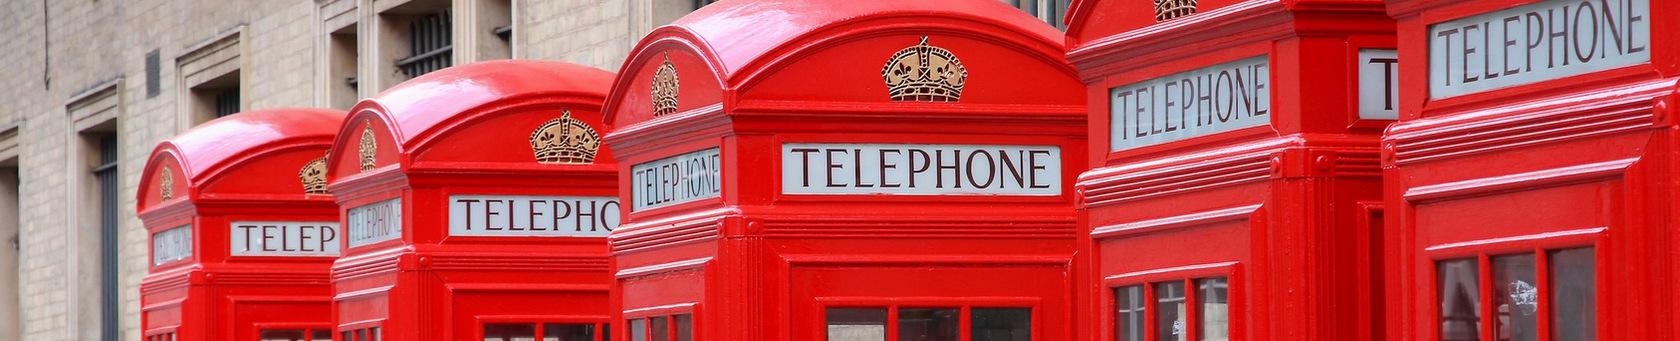 szkoła języka angielskiego - w Wielkiej Brytanii